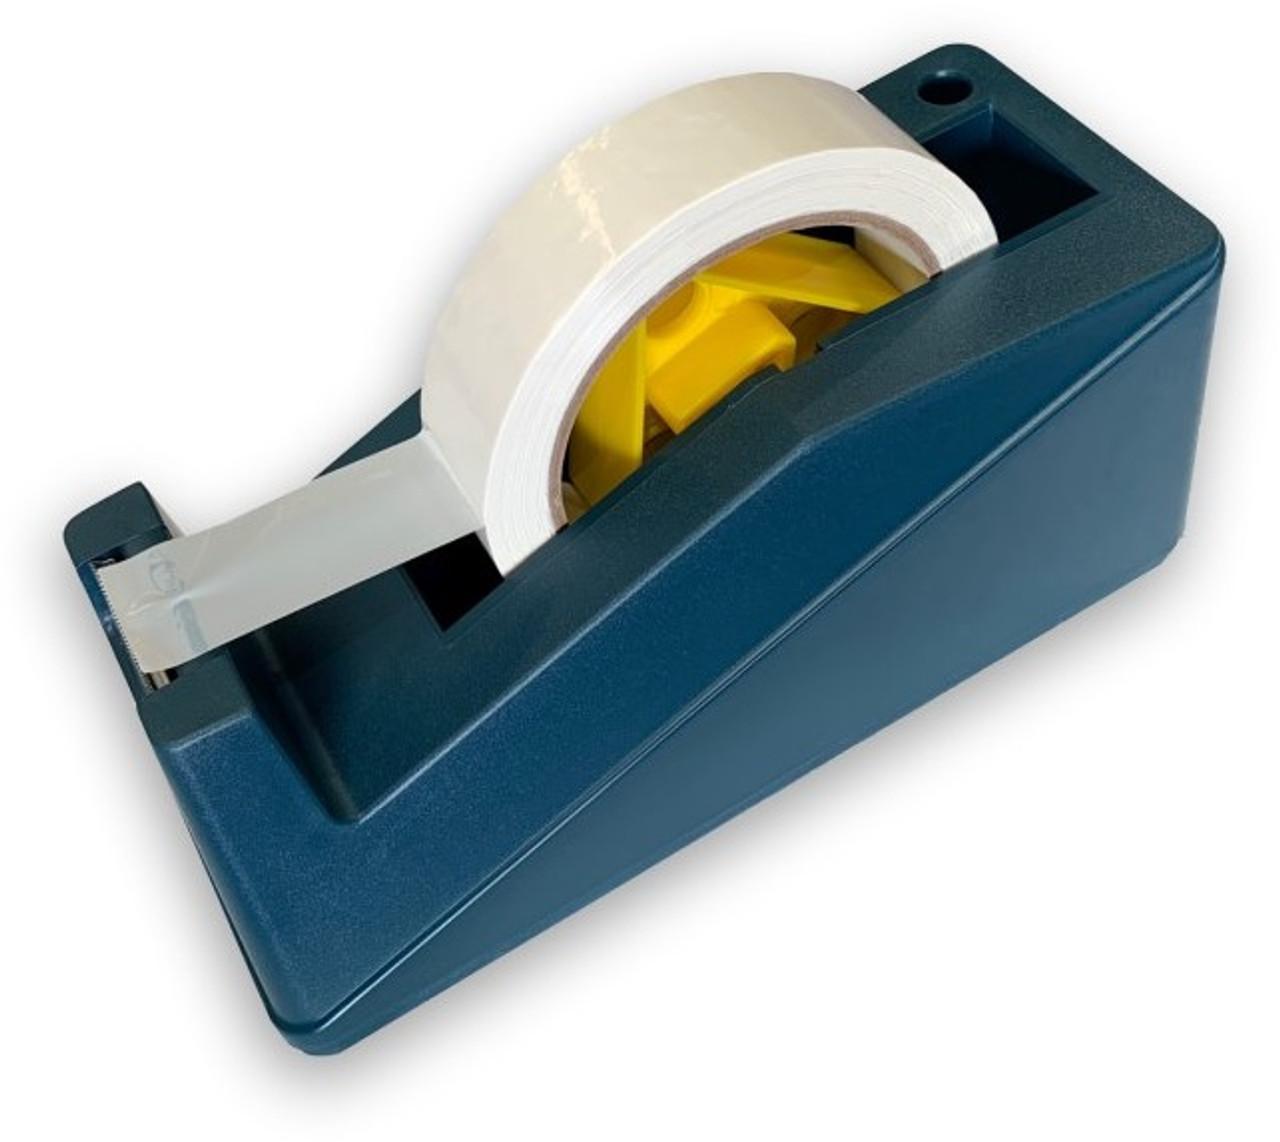 Desktop tape dispenser